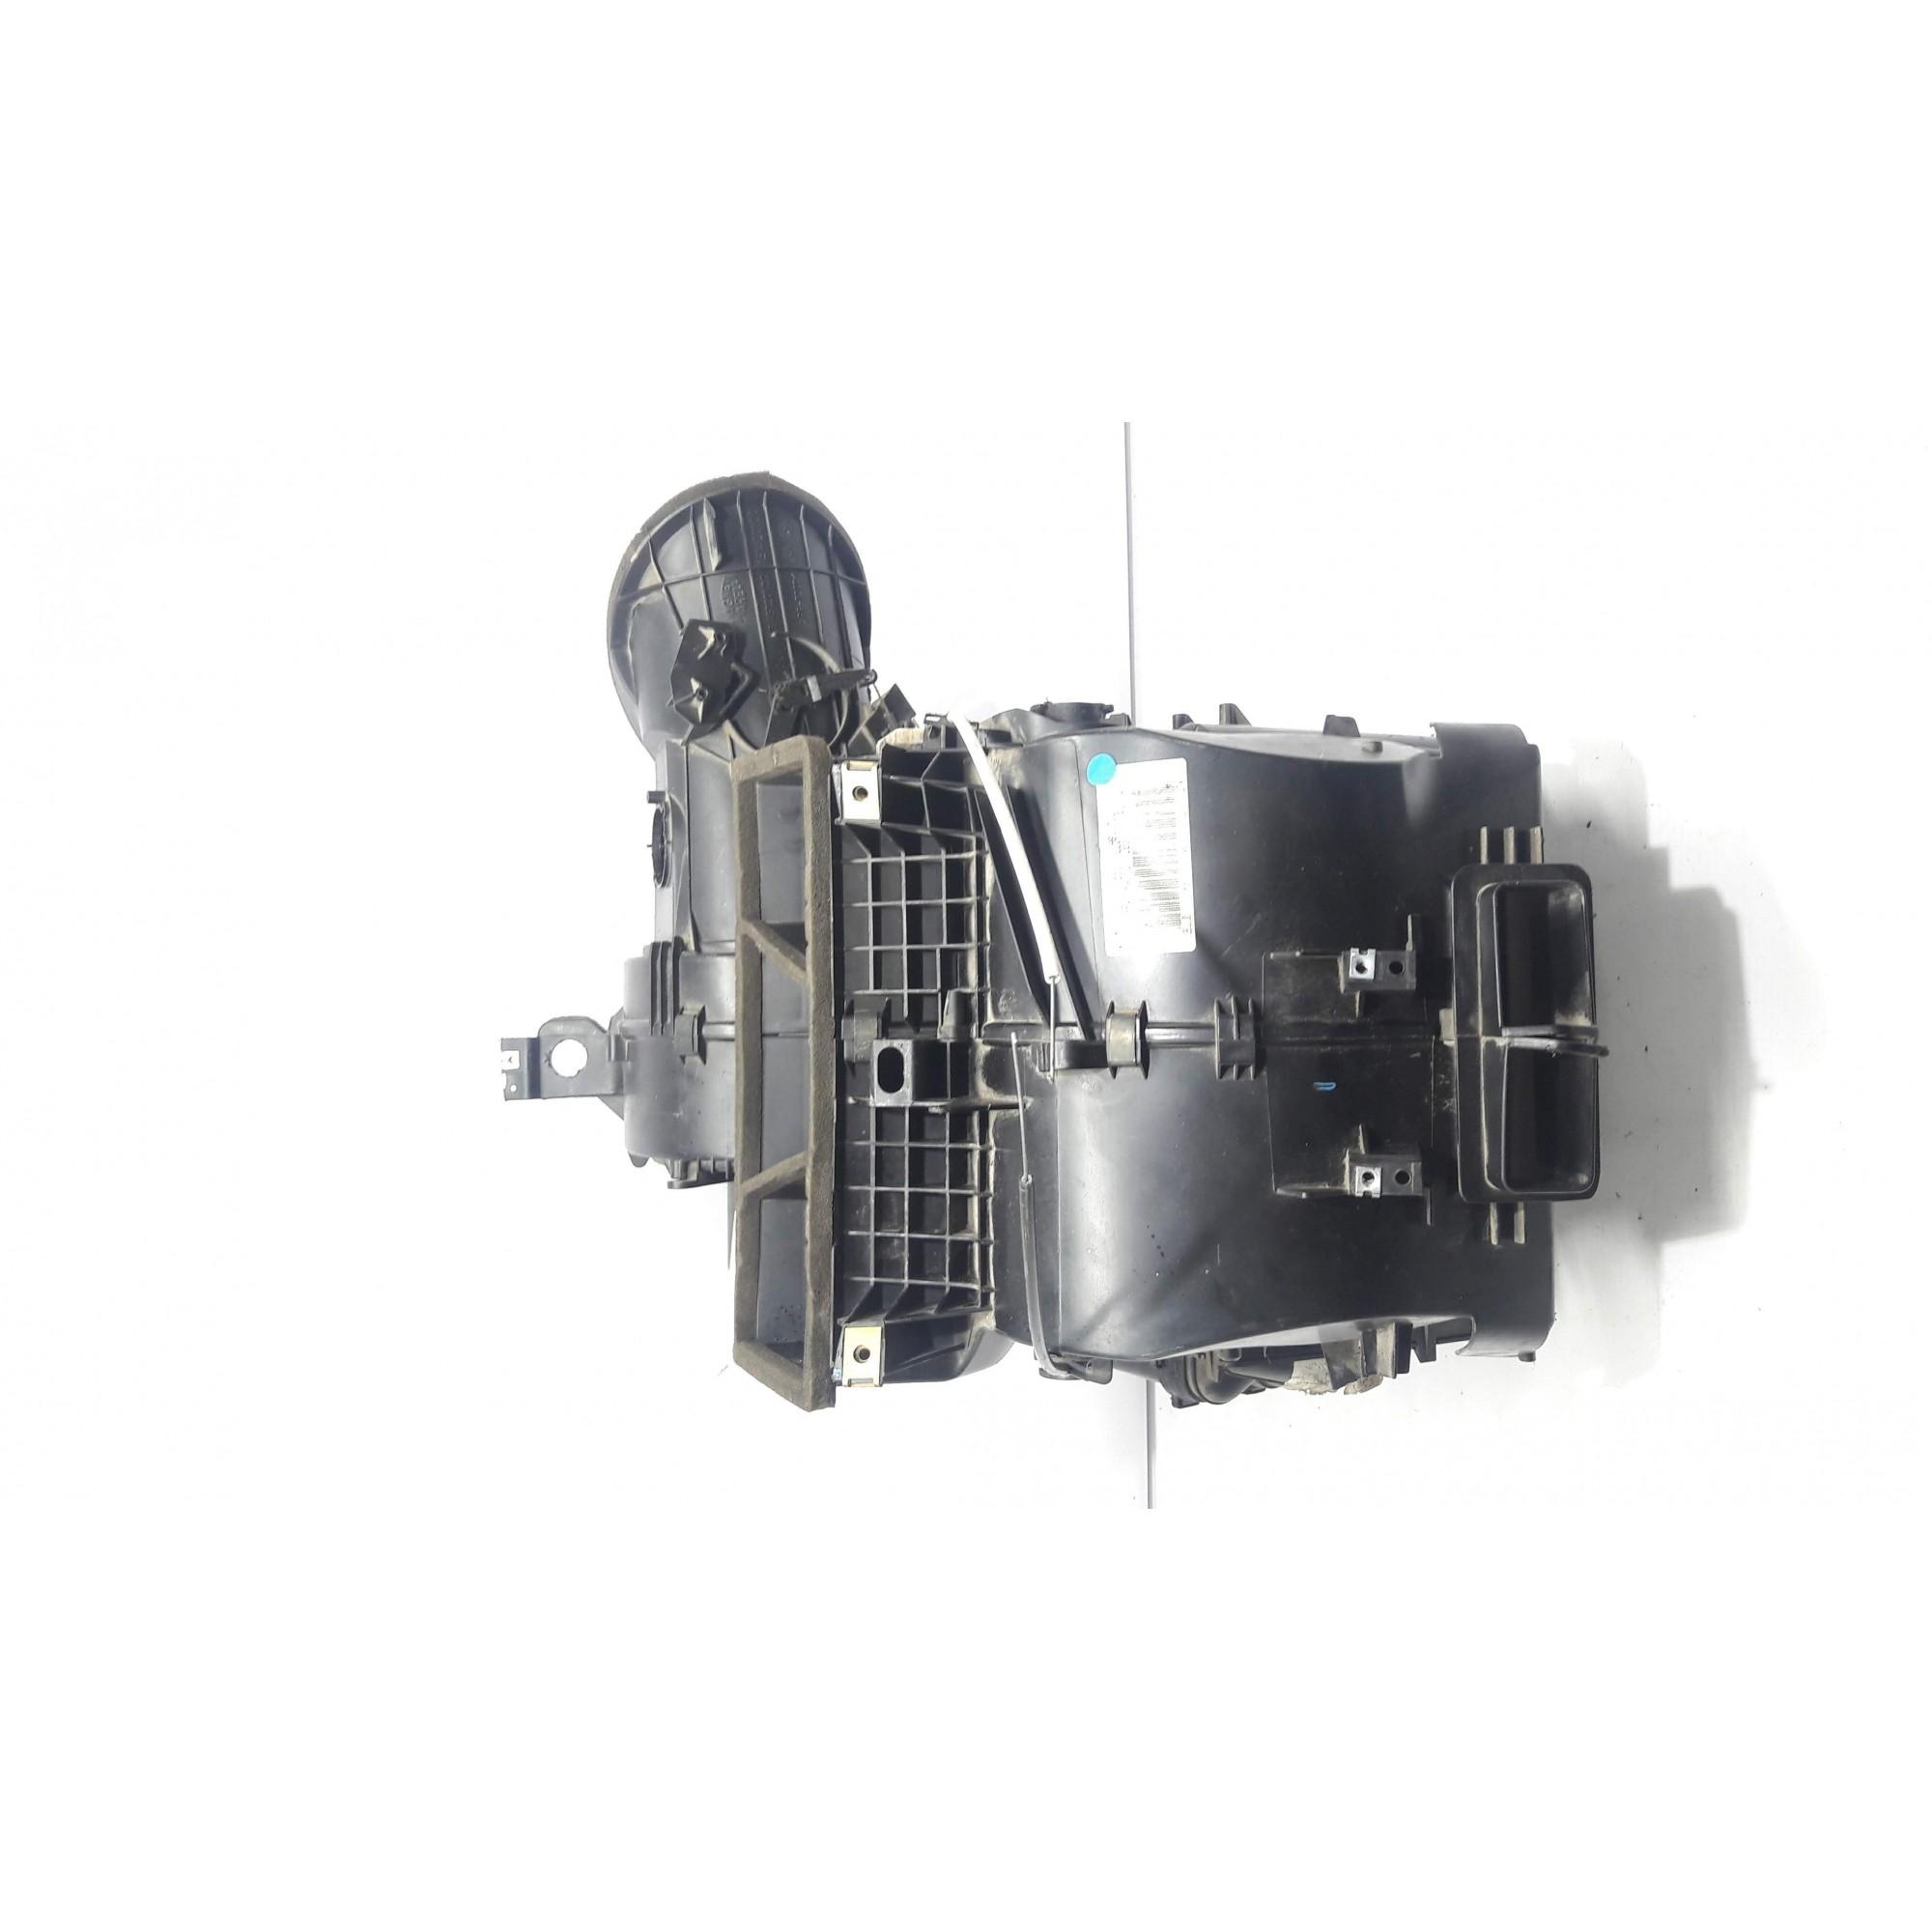 Caixa de Ar Forçado Quente Condicionado Peugeot 206 207 Original